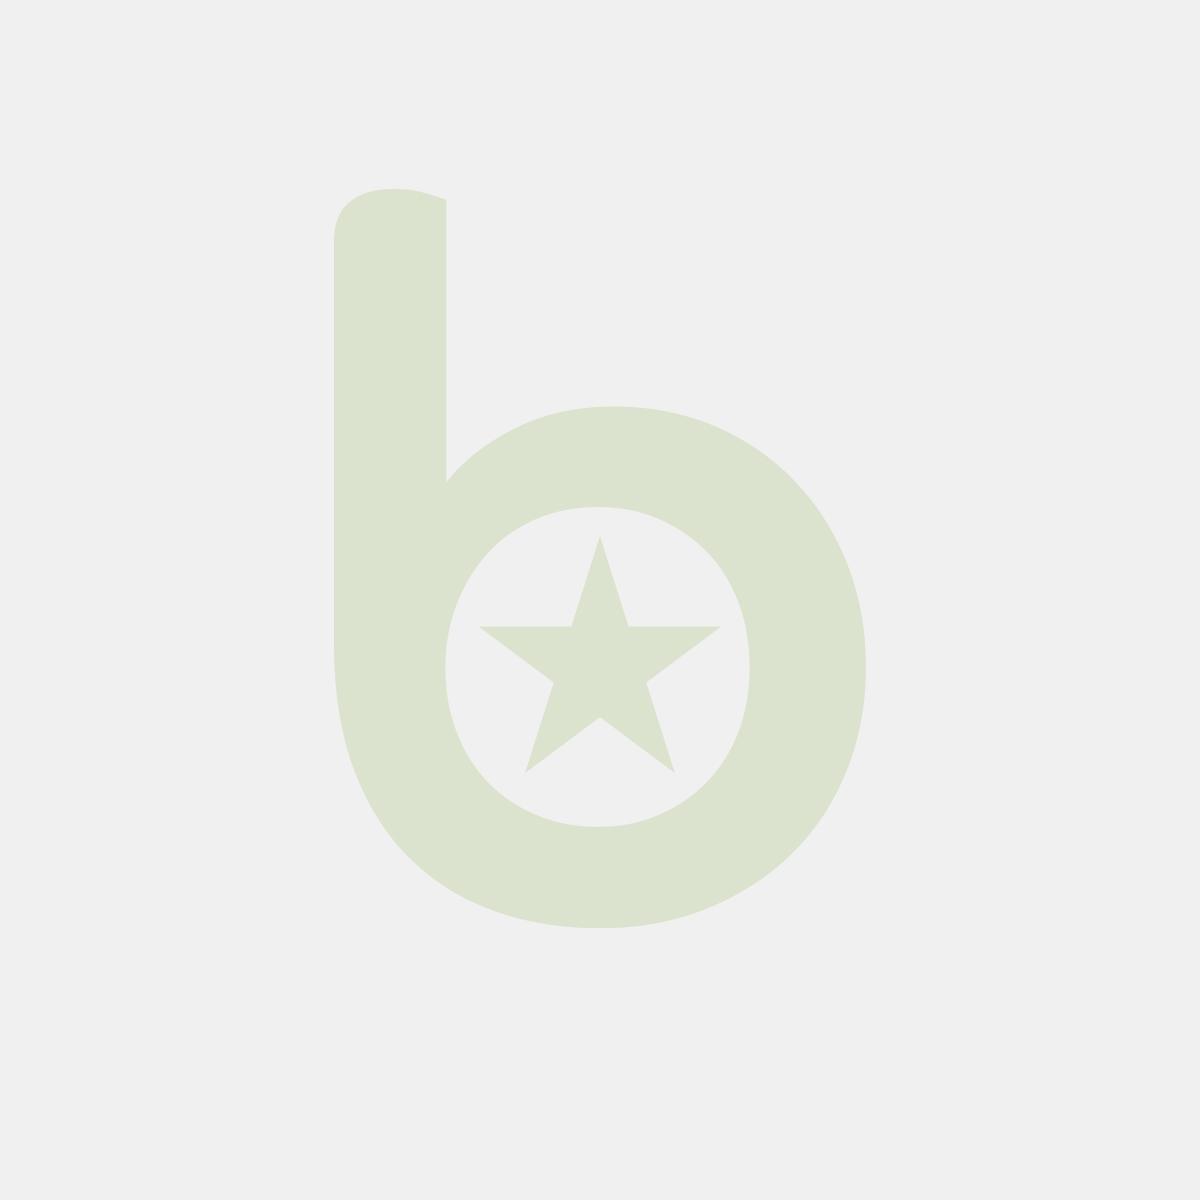 Zakaz spożywania alkoholu w obrębie sklepu BH - 100 x 300mm NC015BHPN